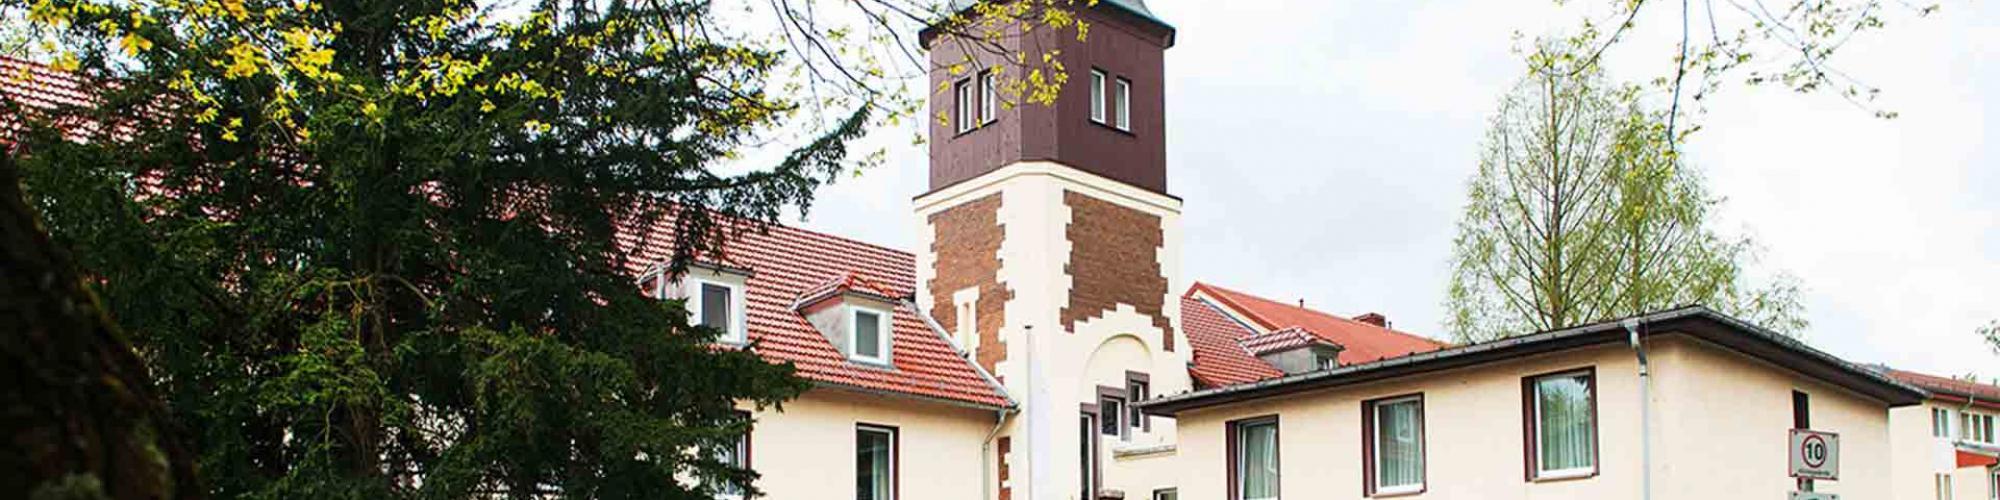 MEDIAN Psychotherapeutische Klinik Bad Liebenwerda